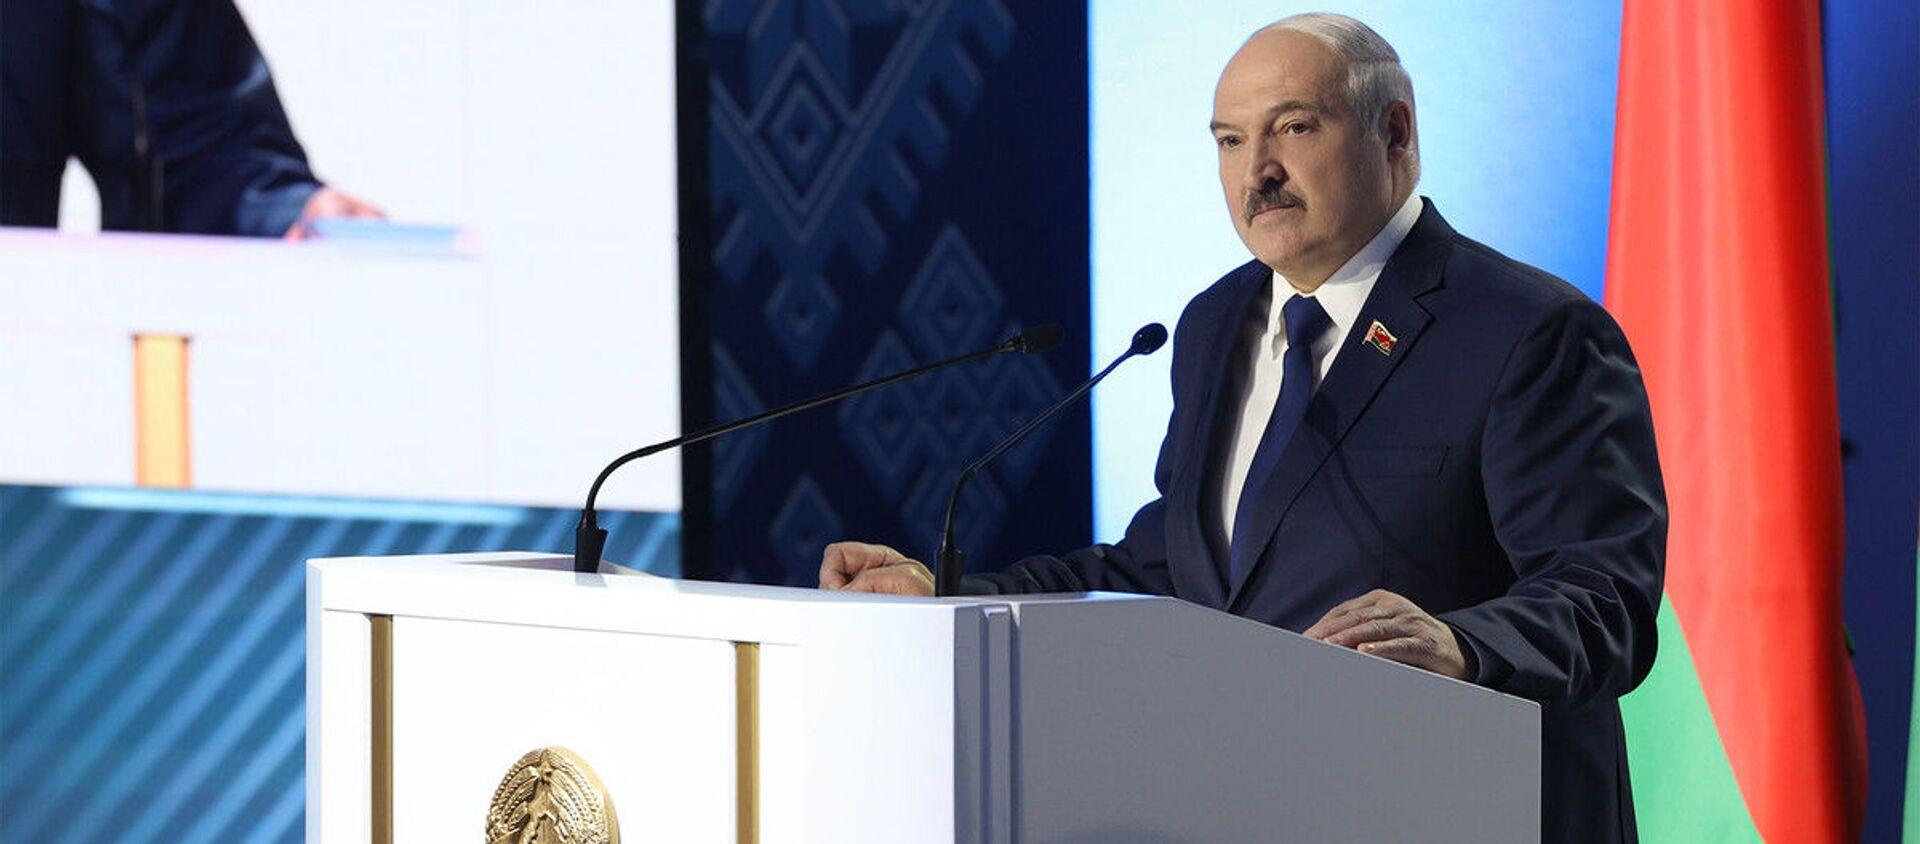 Выступление Лукашенко во время ВНС - Sputnik Беларусь, 1920, 11.02.2021